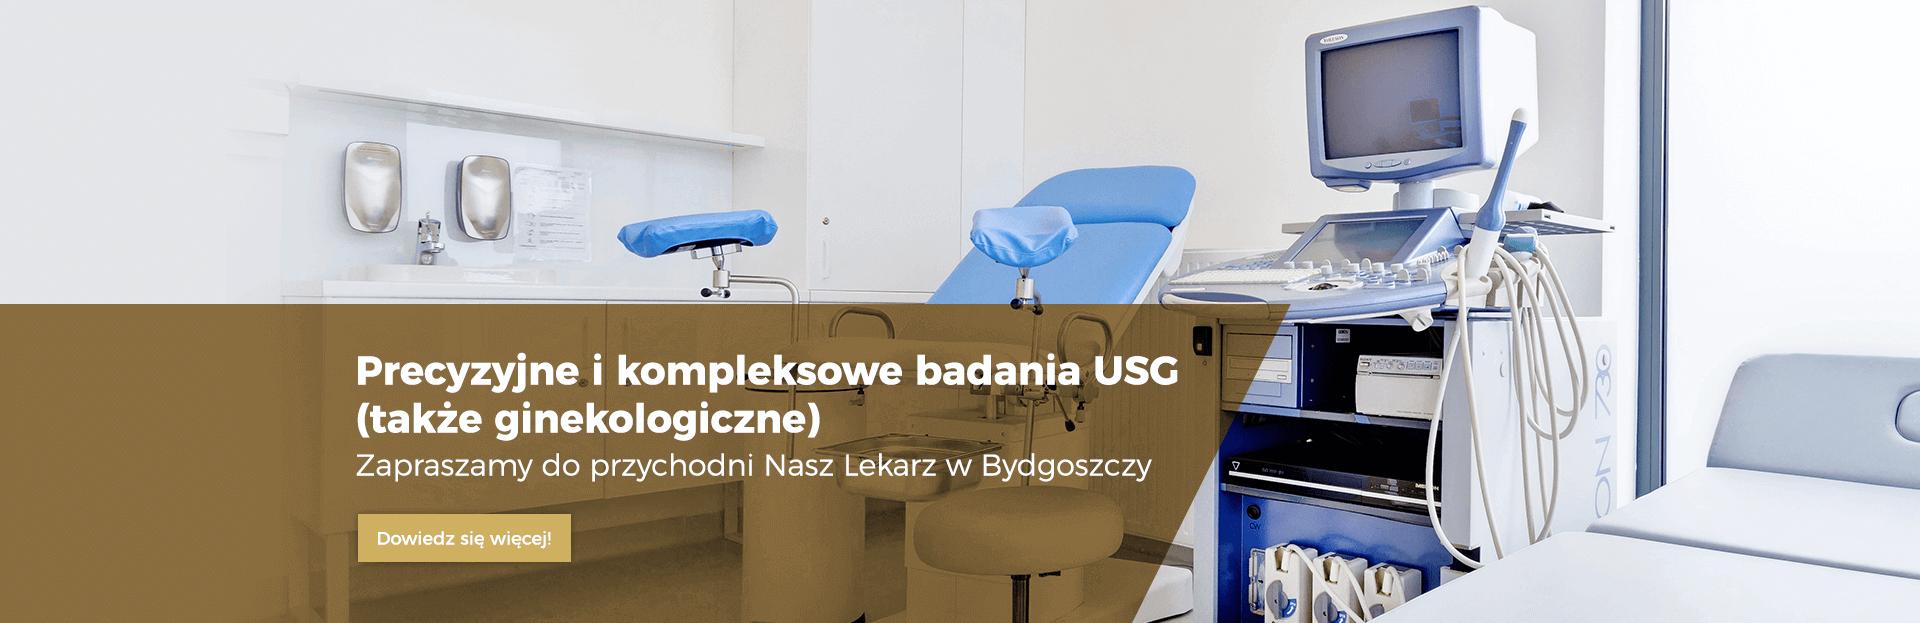 Nasz Lekarz Precyzyjne i kompleksowe badania USG (1)